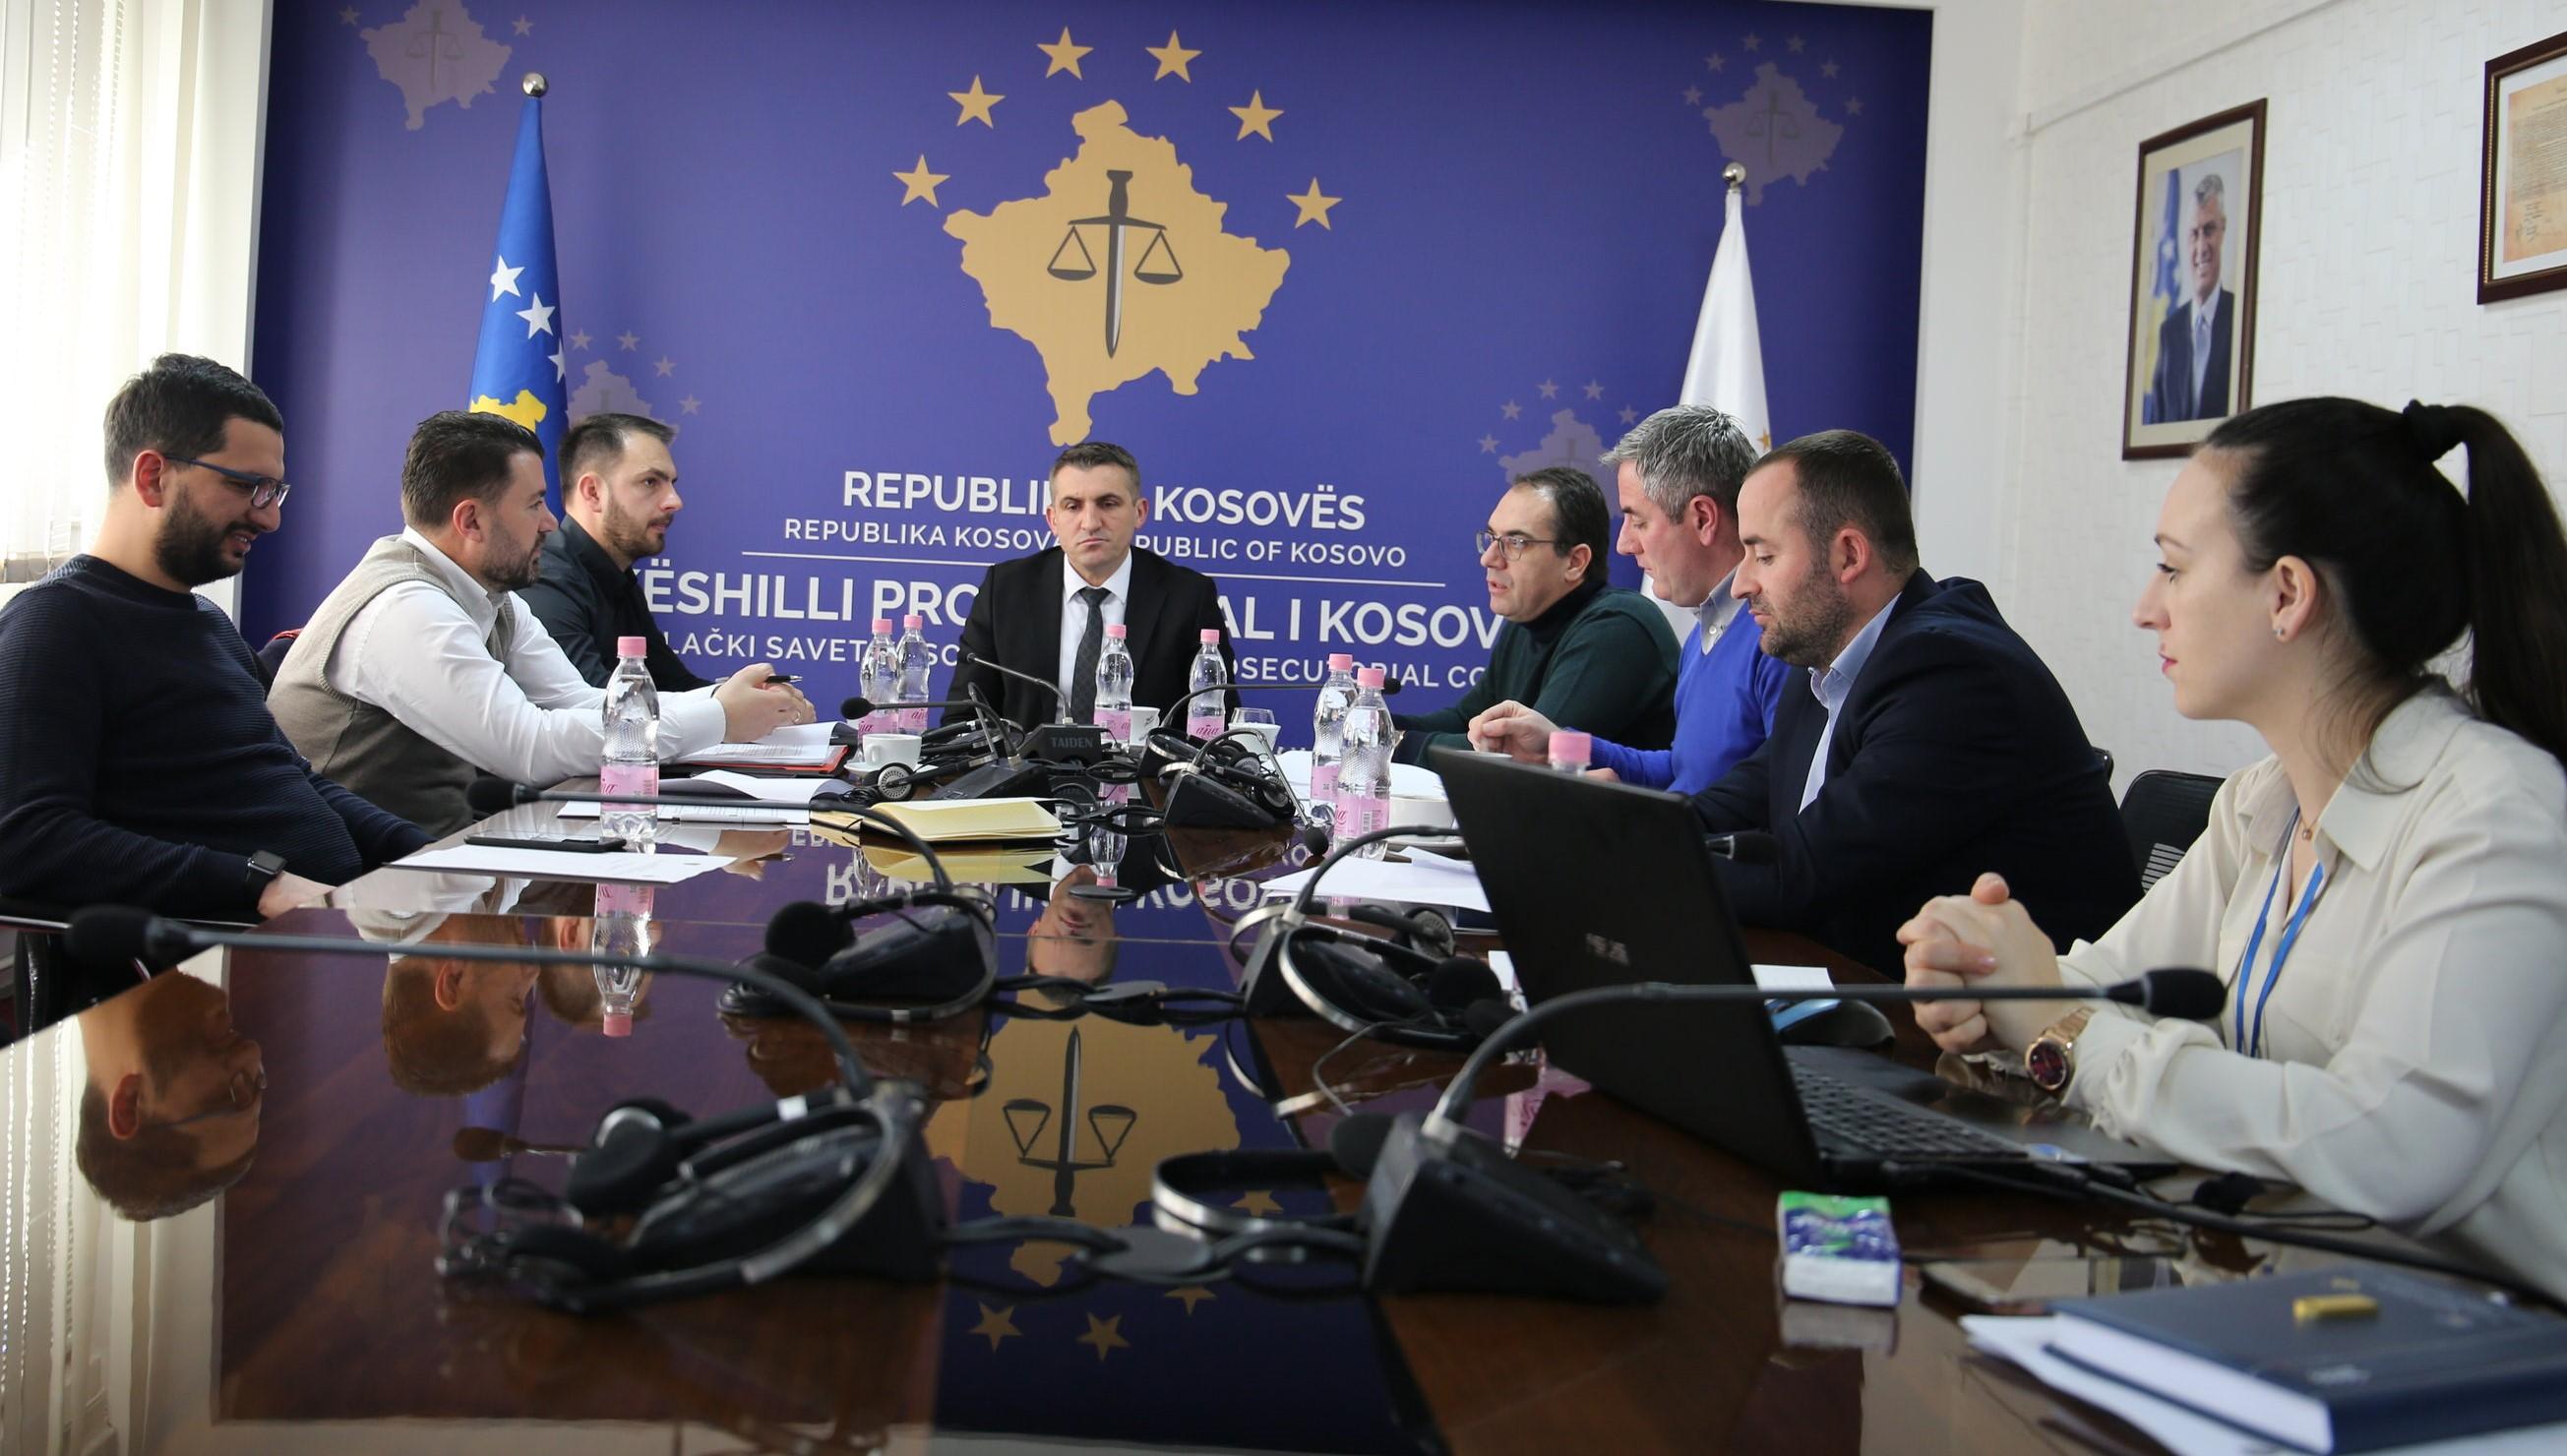 Diskutohet Udhëzuesi për menaxhimin e sigurisë së objekteve të sistemit prokurorial